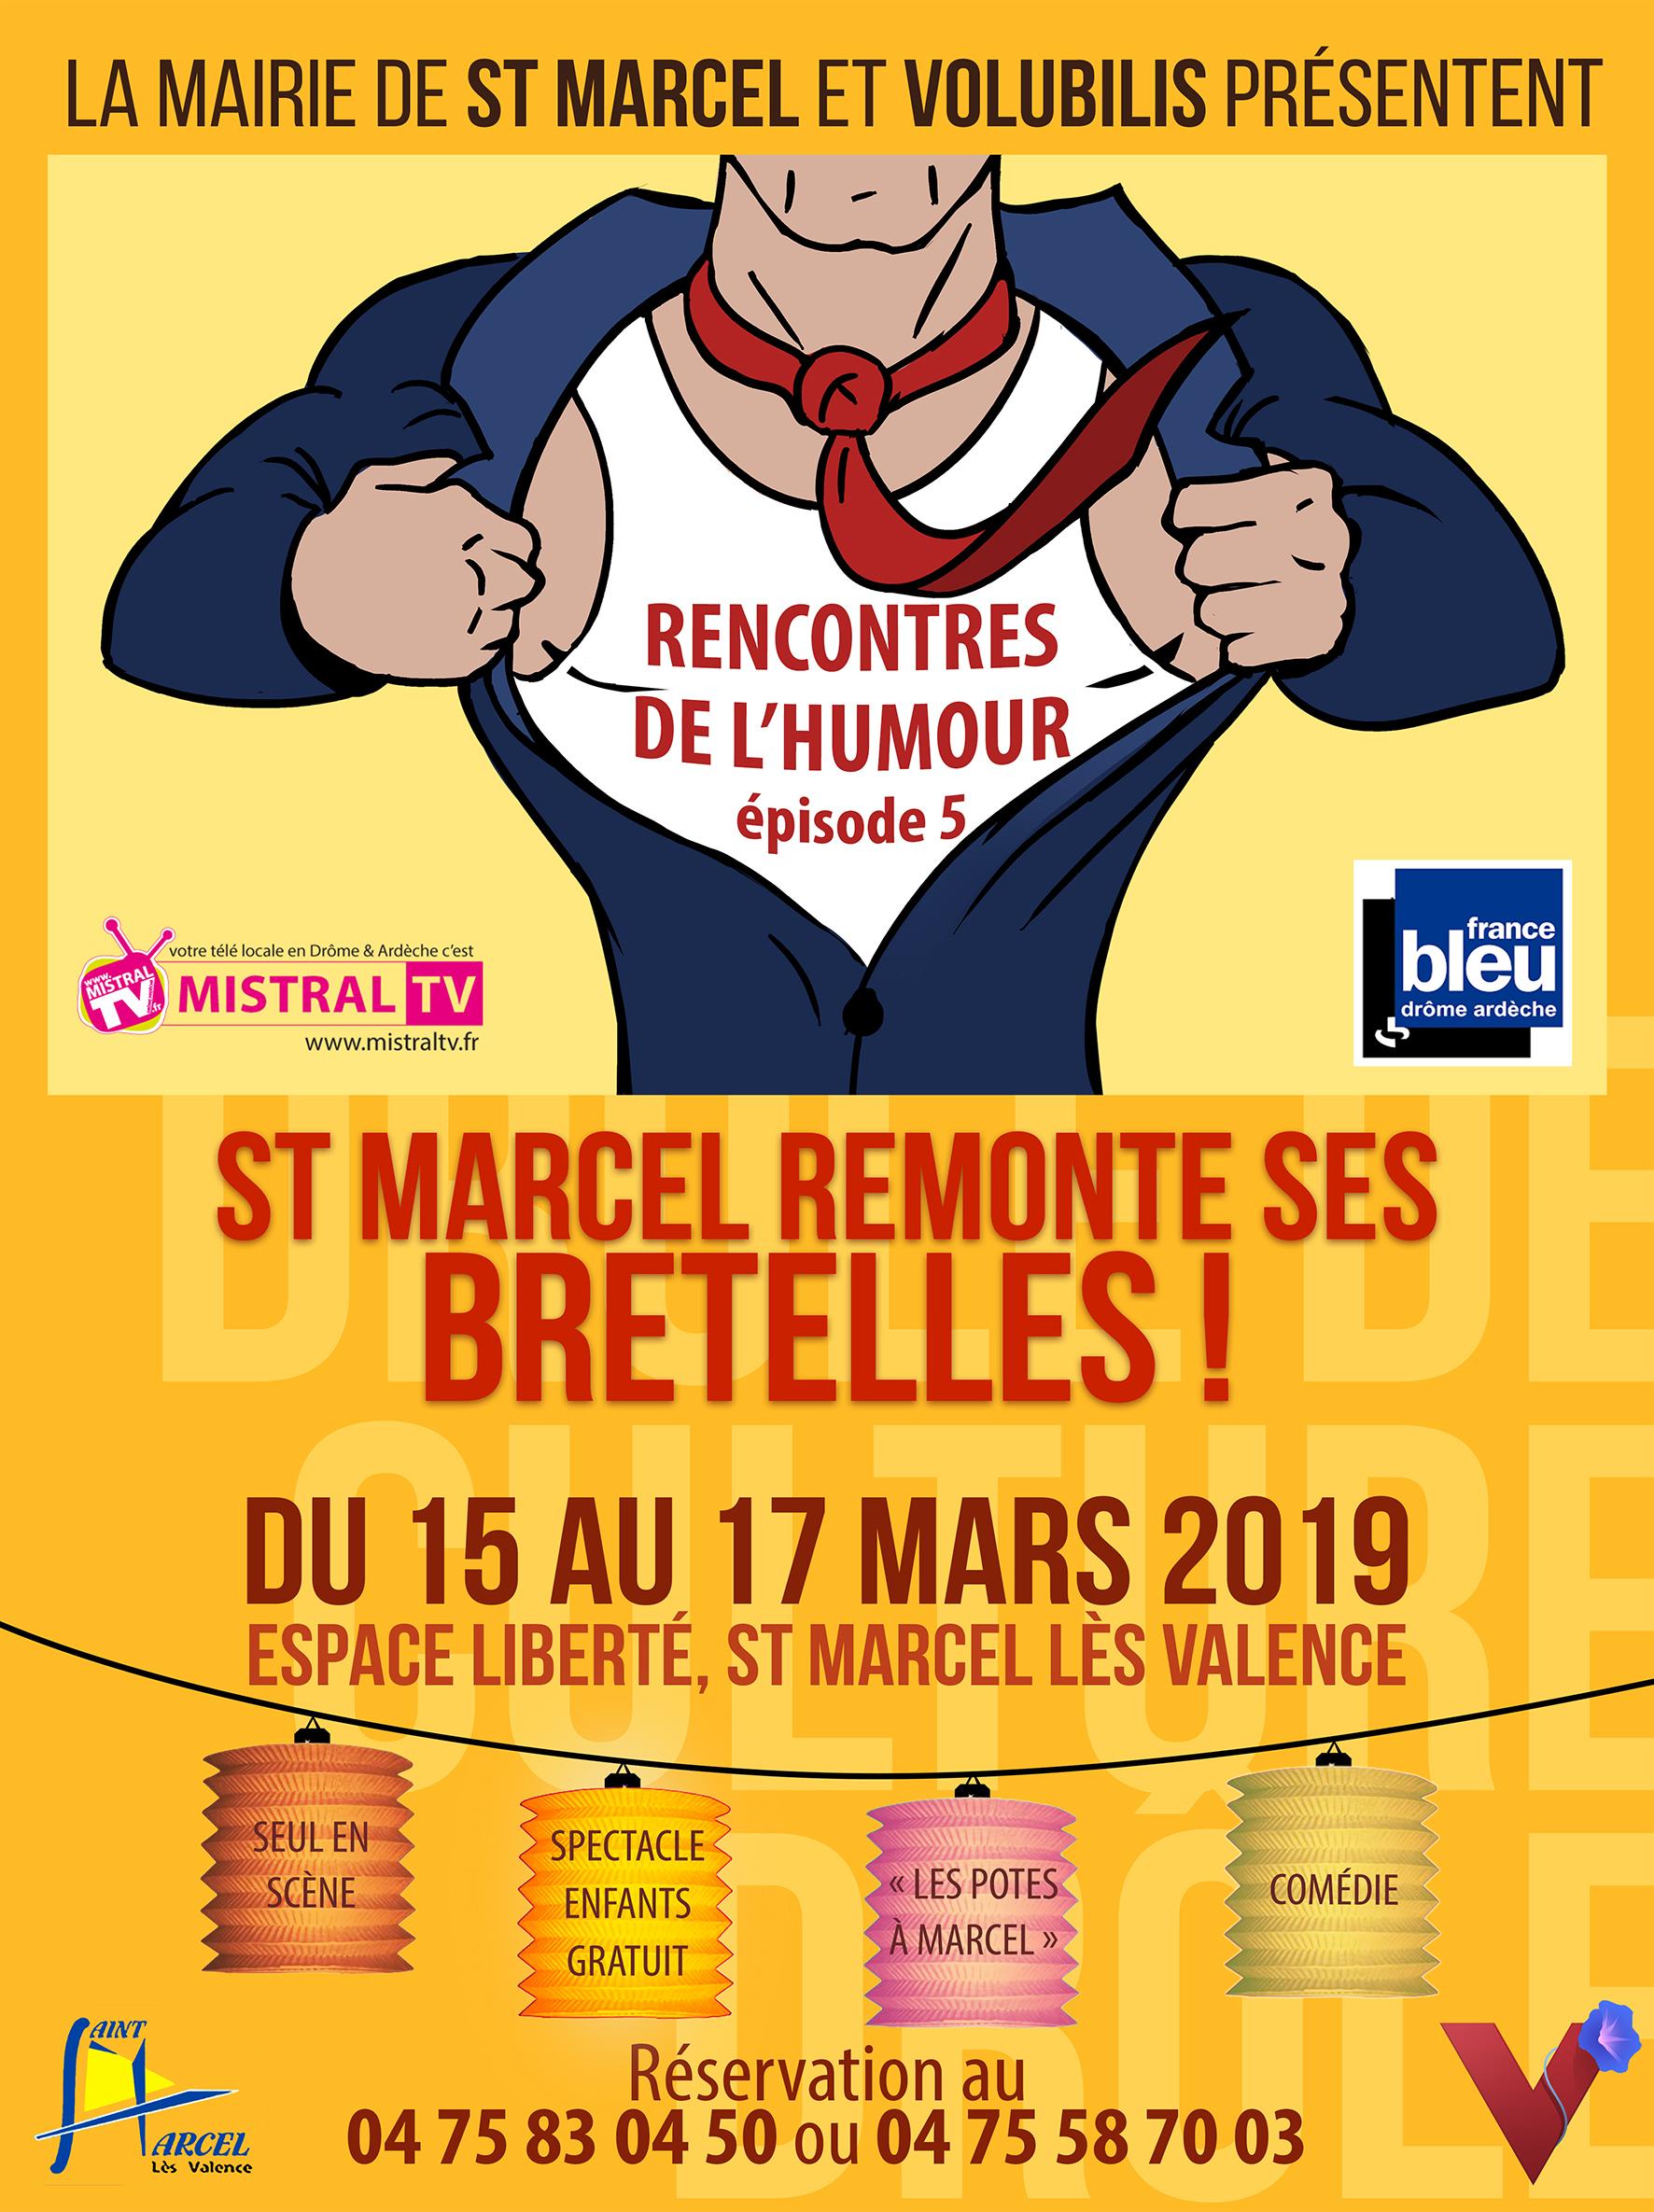 St Marcel remonte ses bretelles